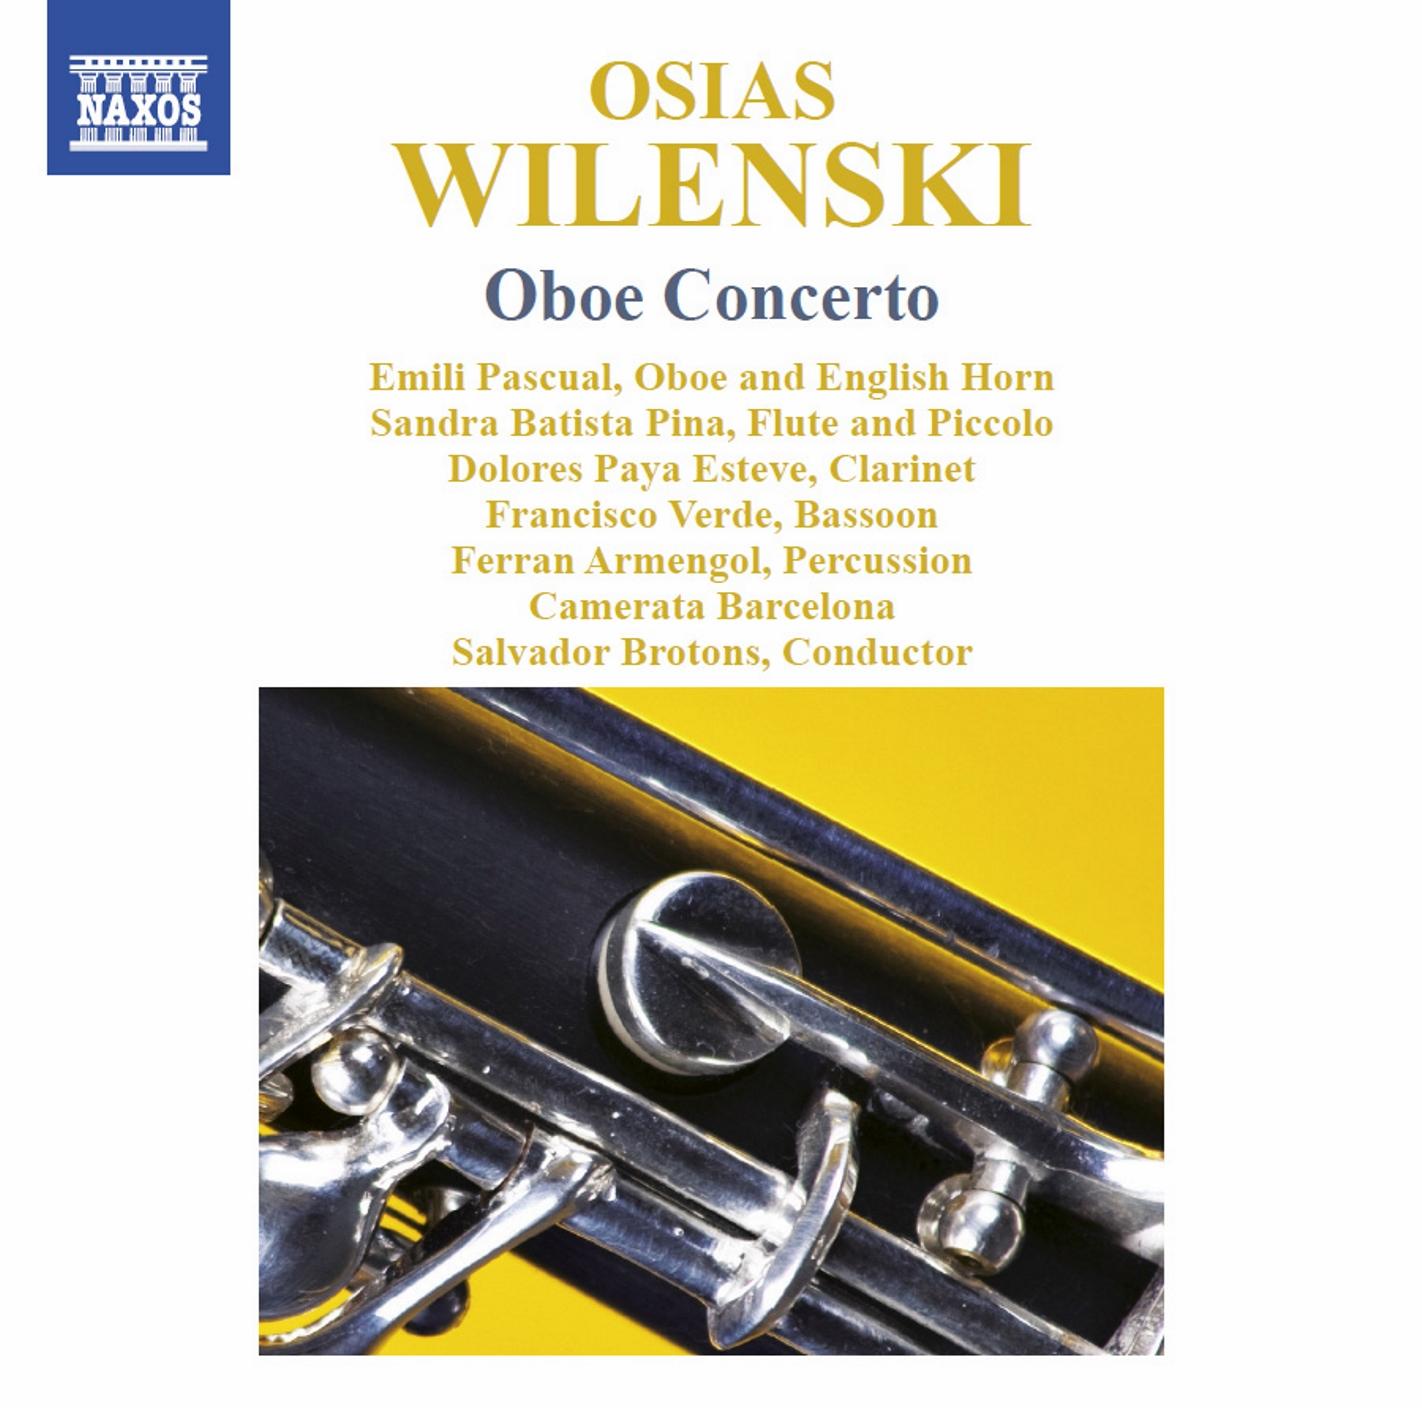 Wilenski: Works for Wind Instruments